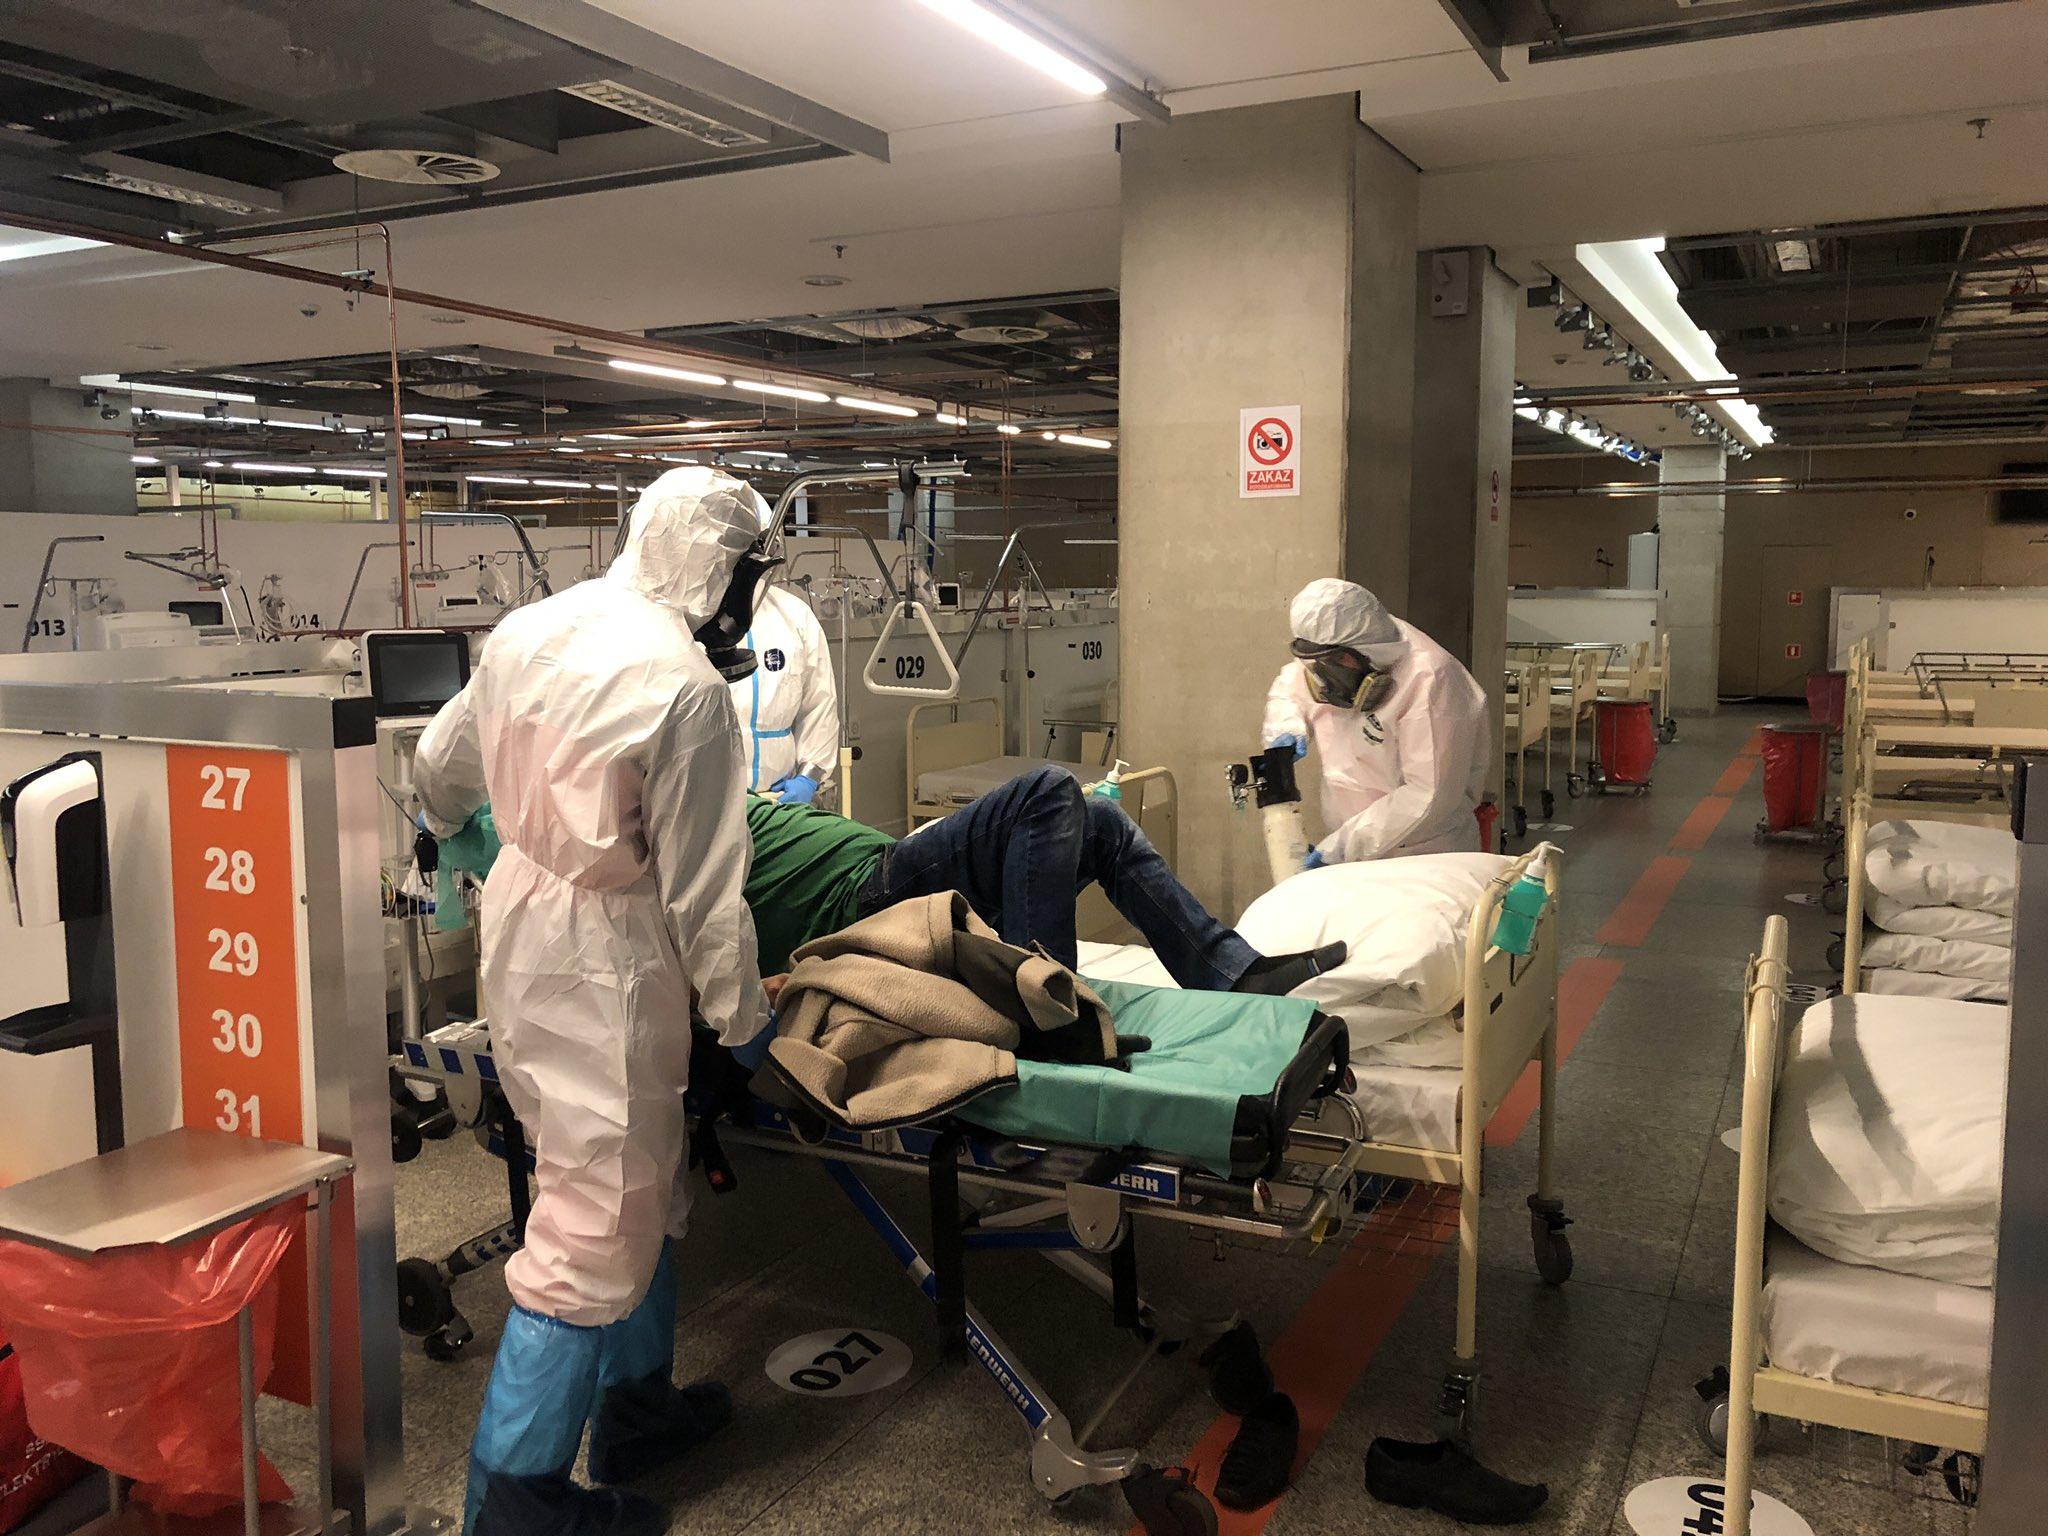 Szpital narodowy.jpg